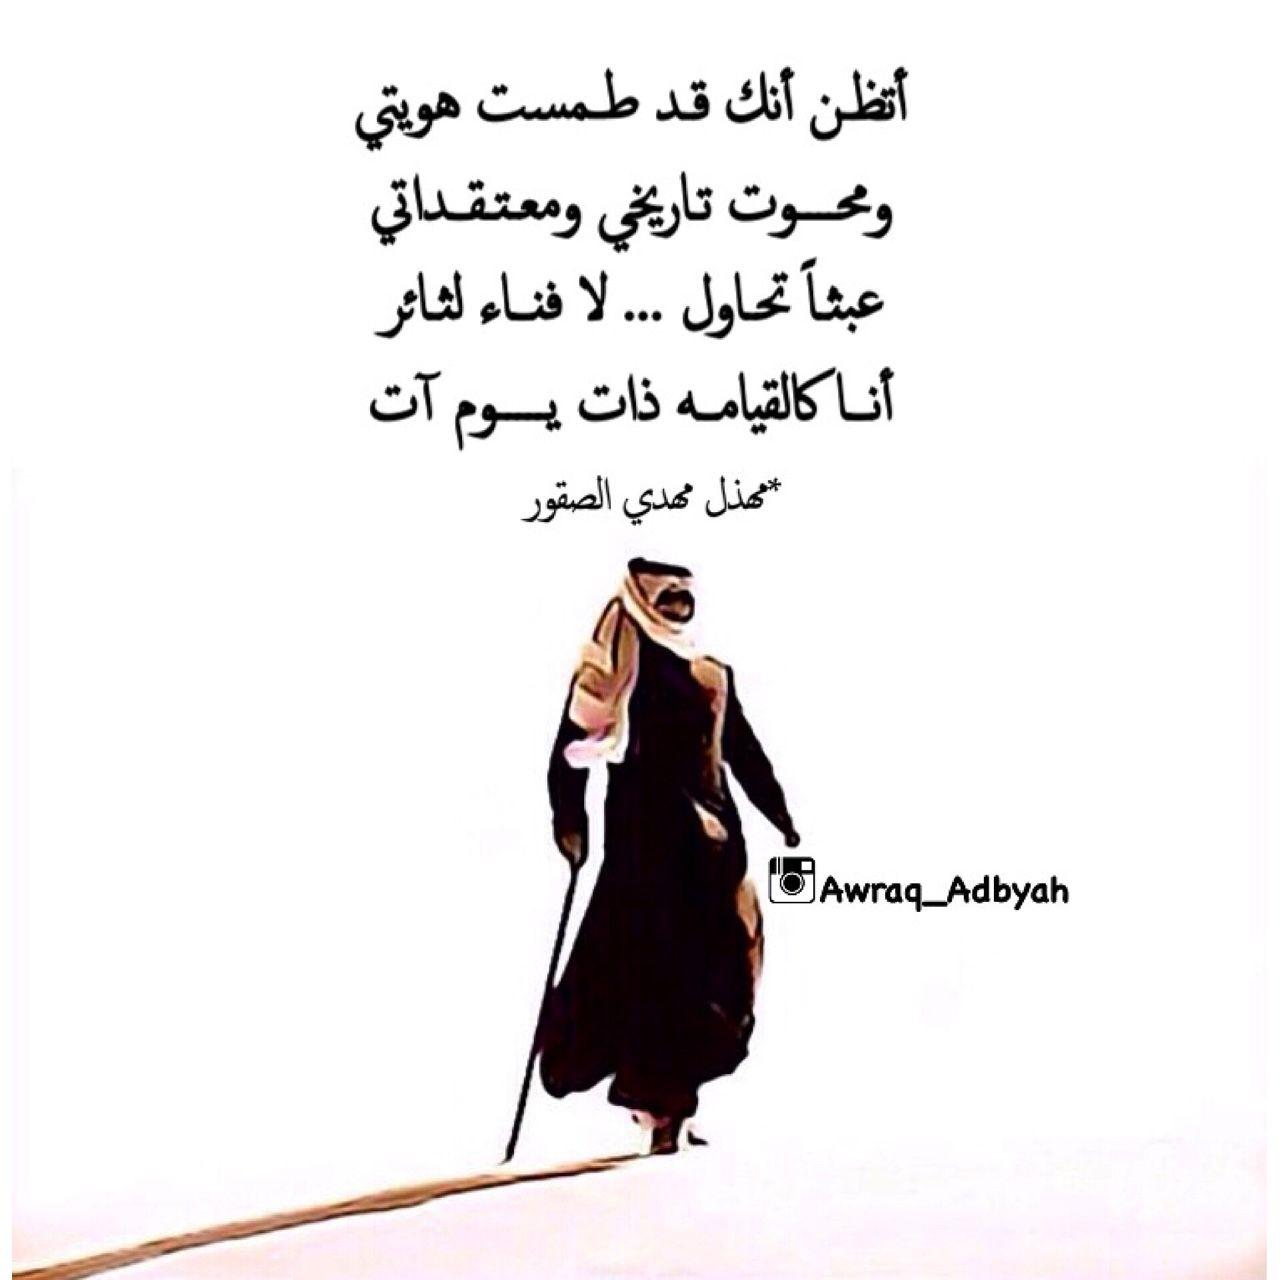 أوراق أدبية شعر أدب و اقتباسات Ex Quotes Snap Quotes Quran Quotes